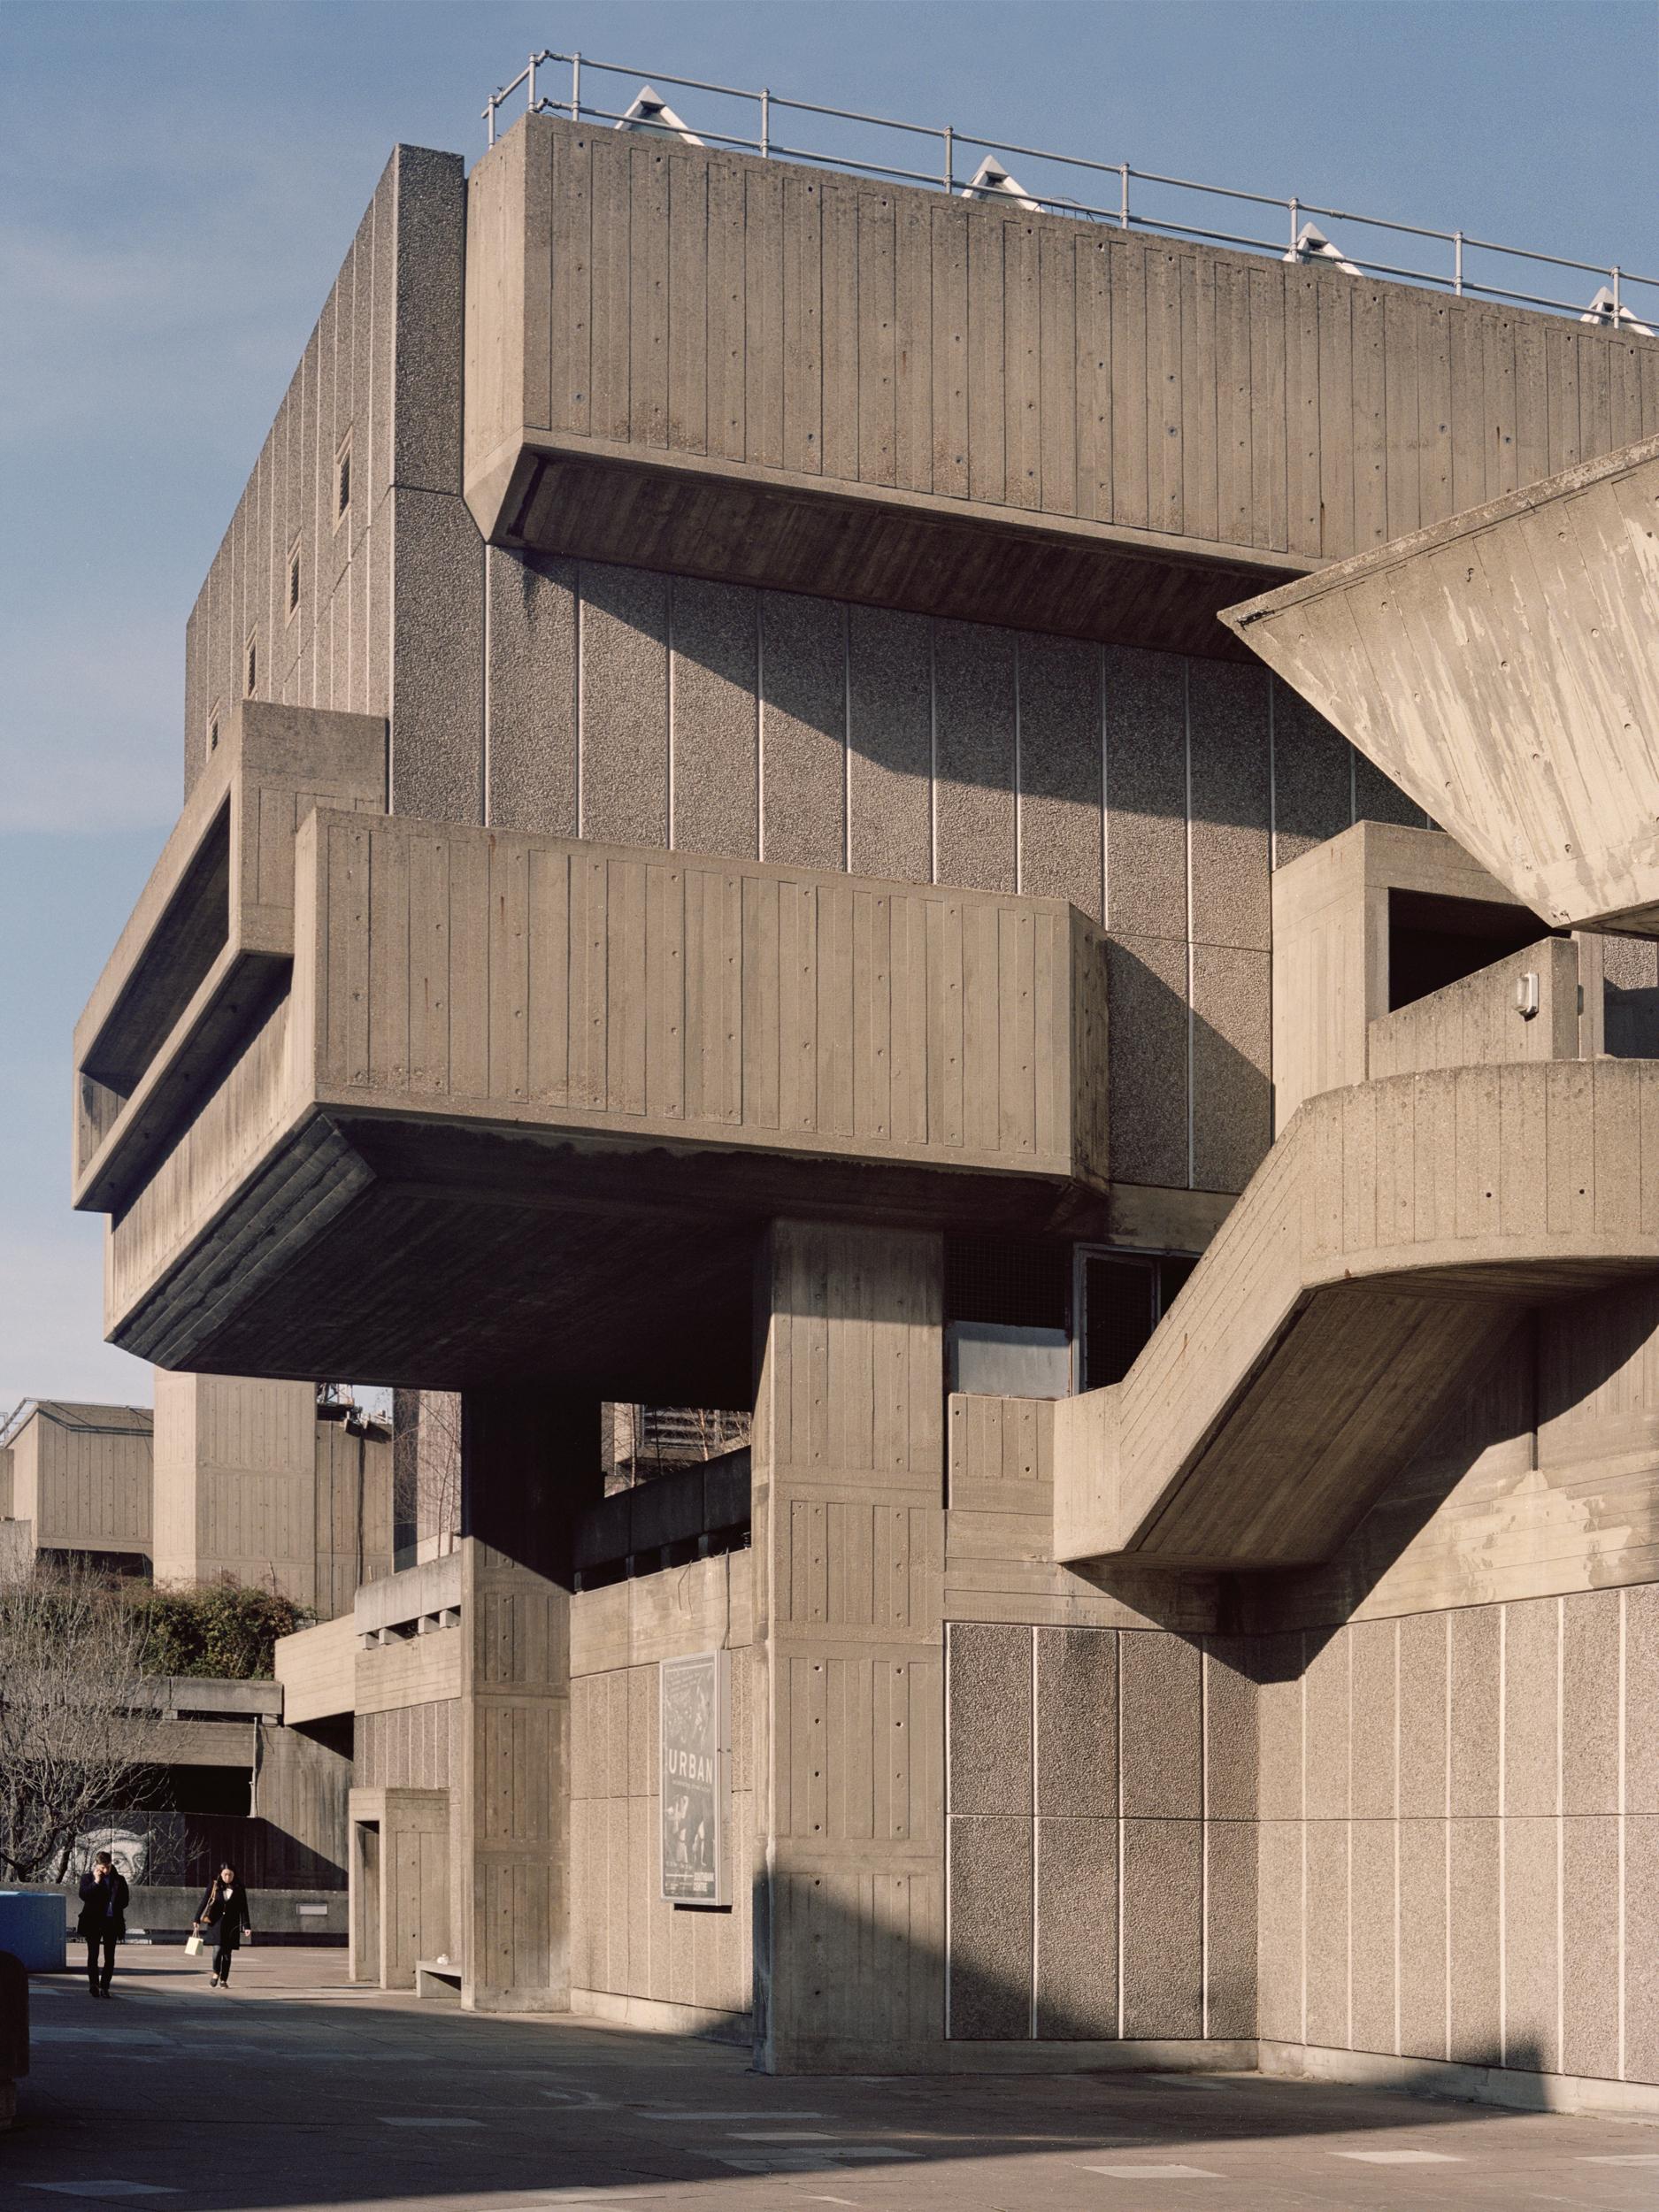 Galer a de utopia serie de fotos que captura la Arquitectura brutalista